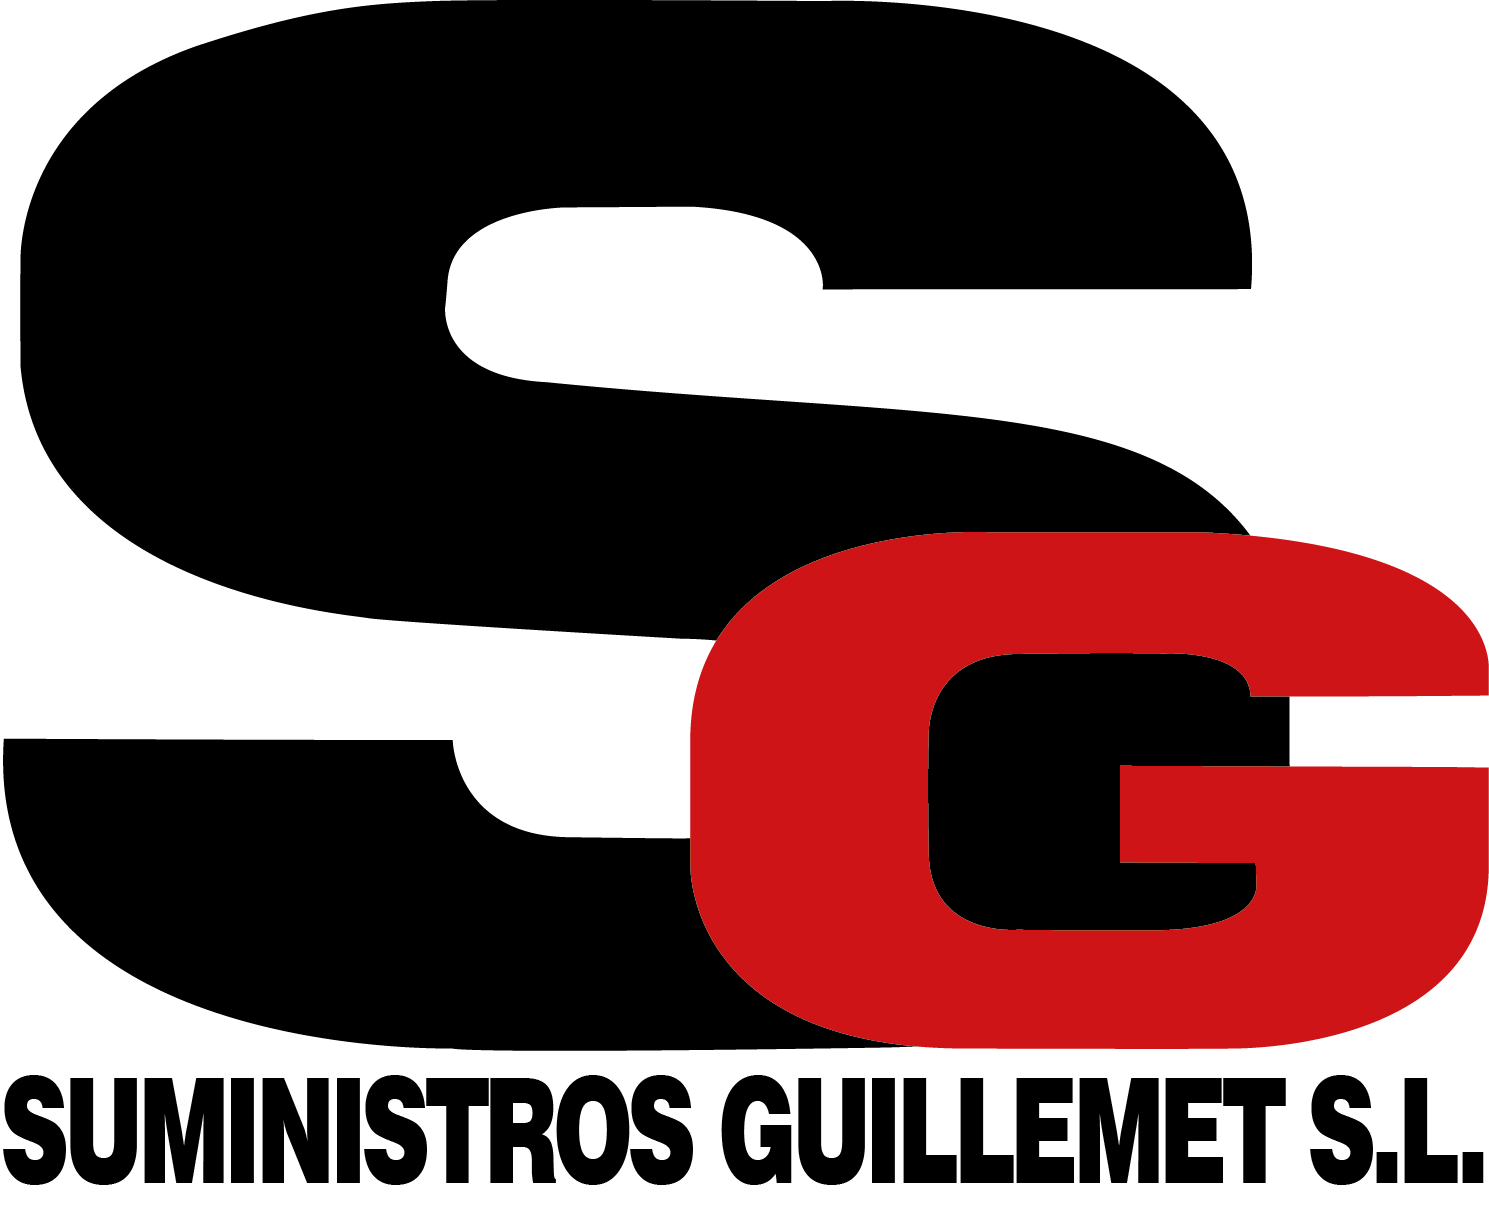 Logo vectorizado 2017 sin datos